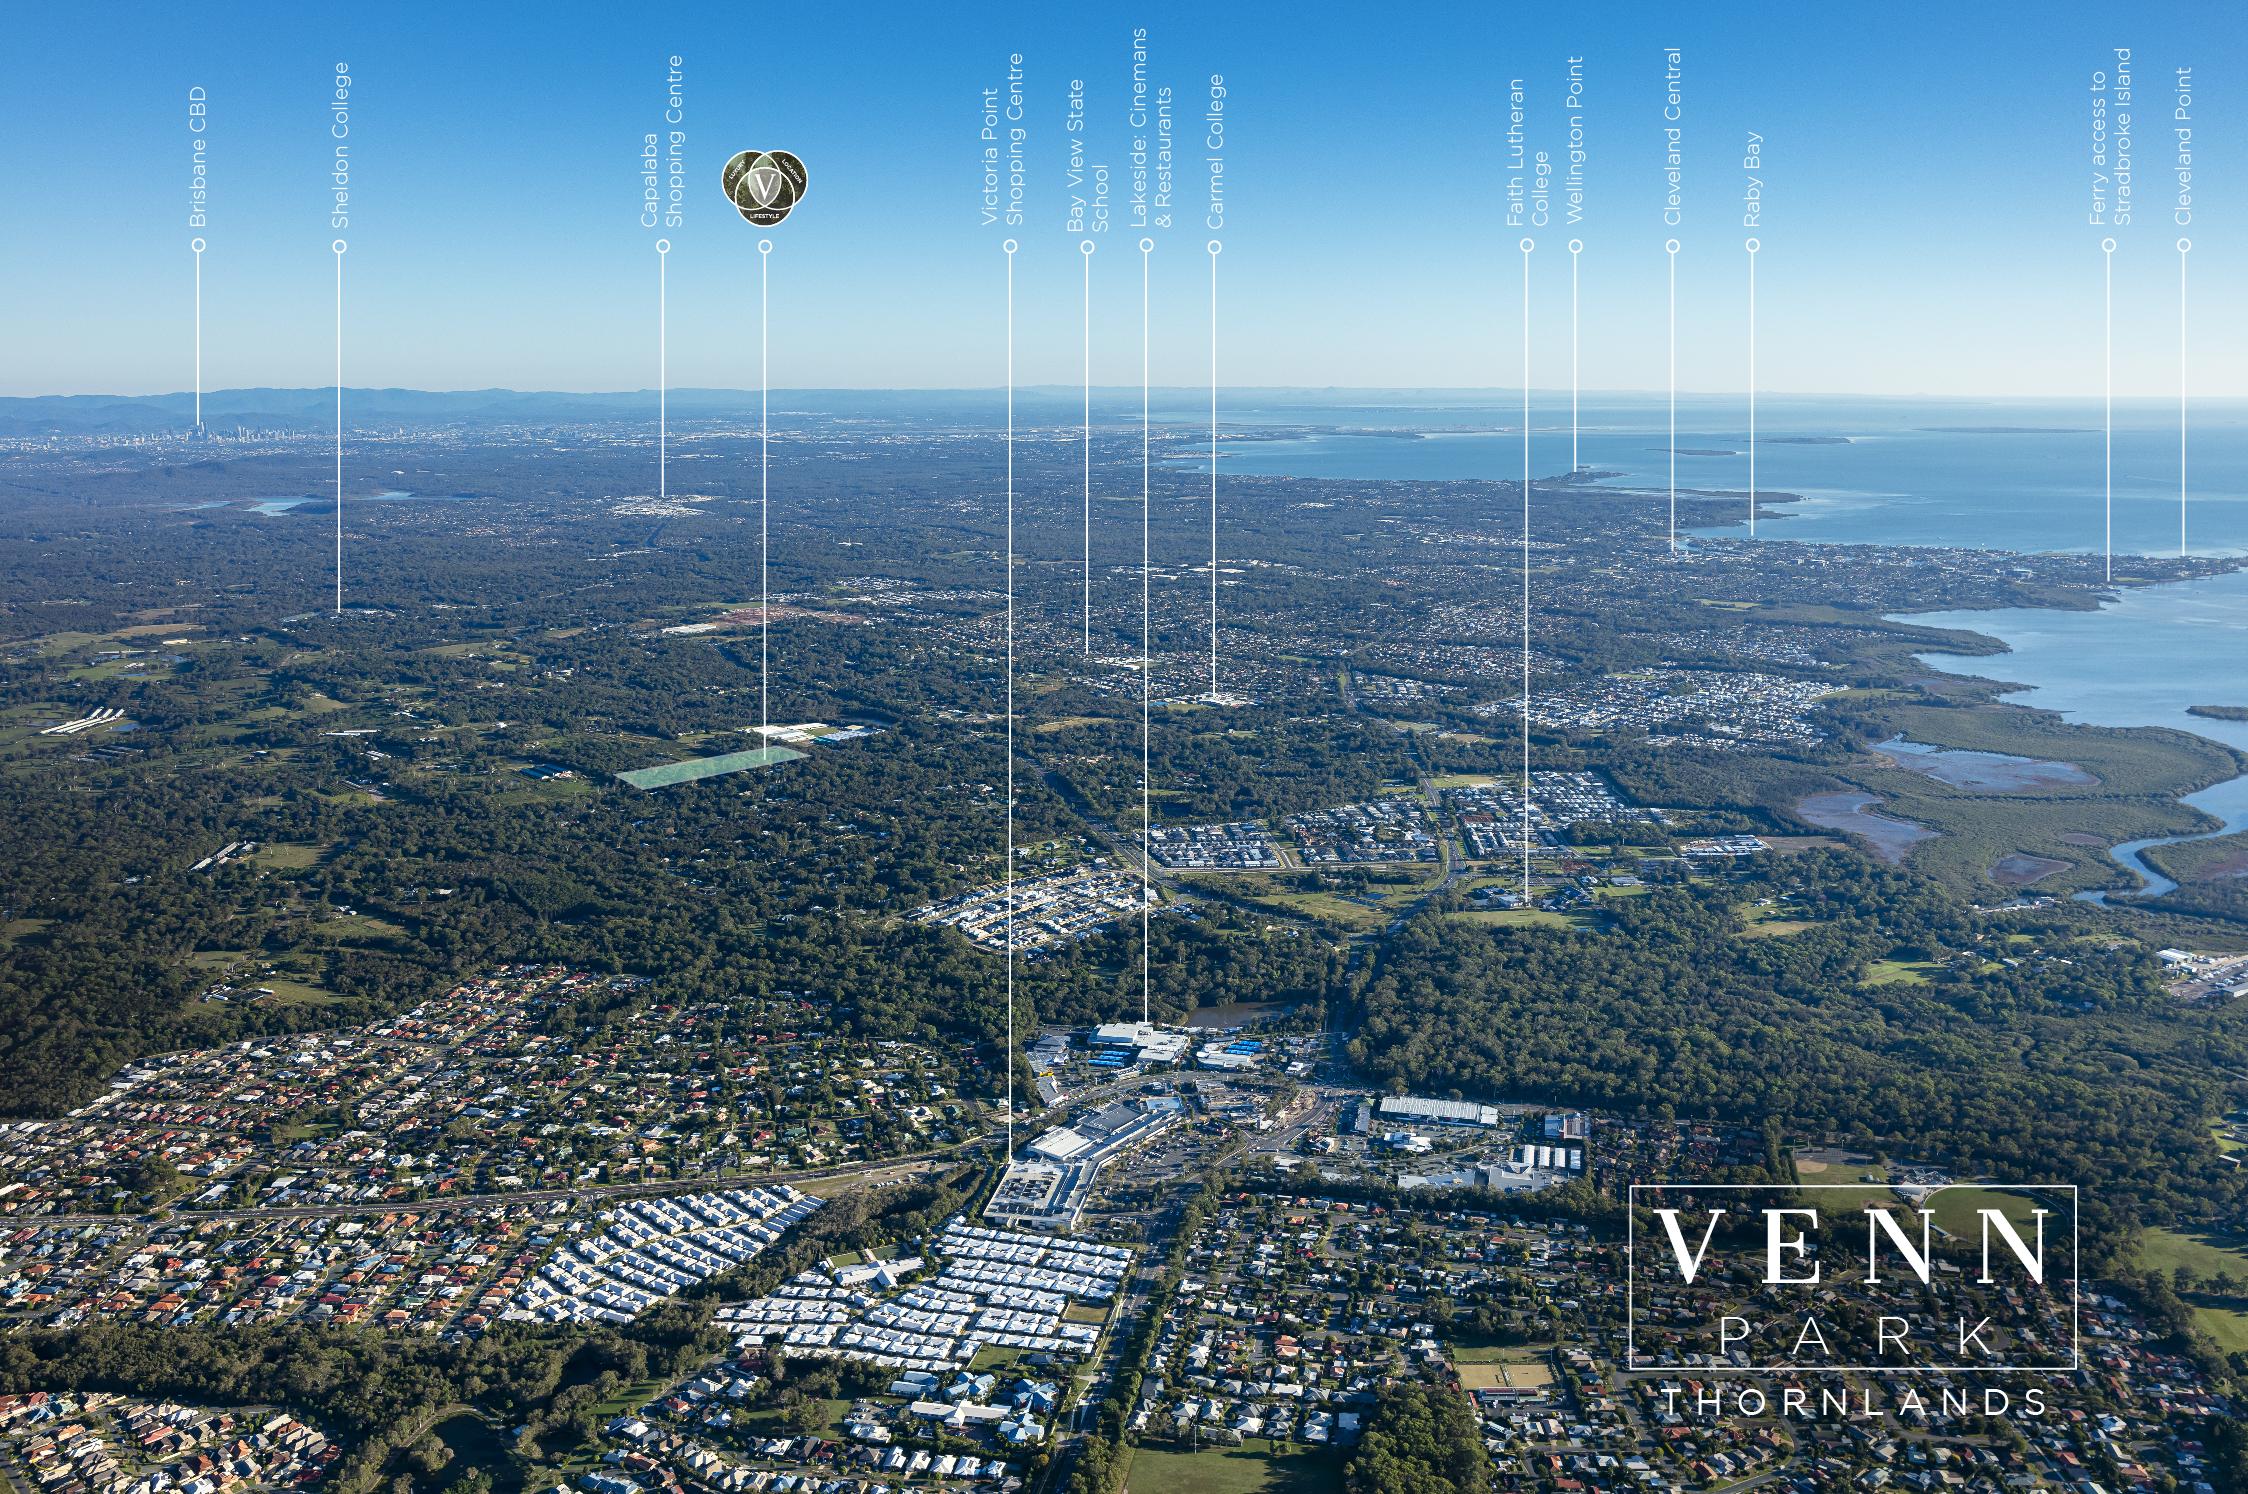 2019-07-12 Venn Park Aerial Map.jpg